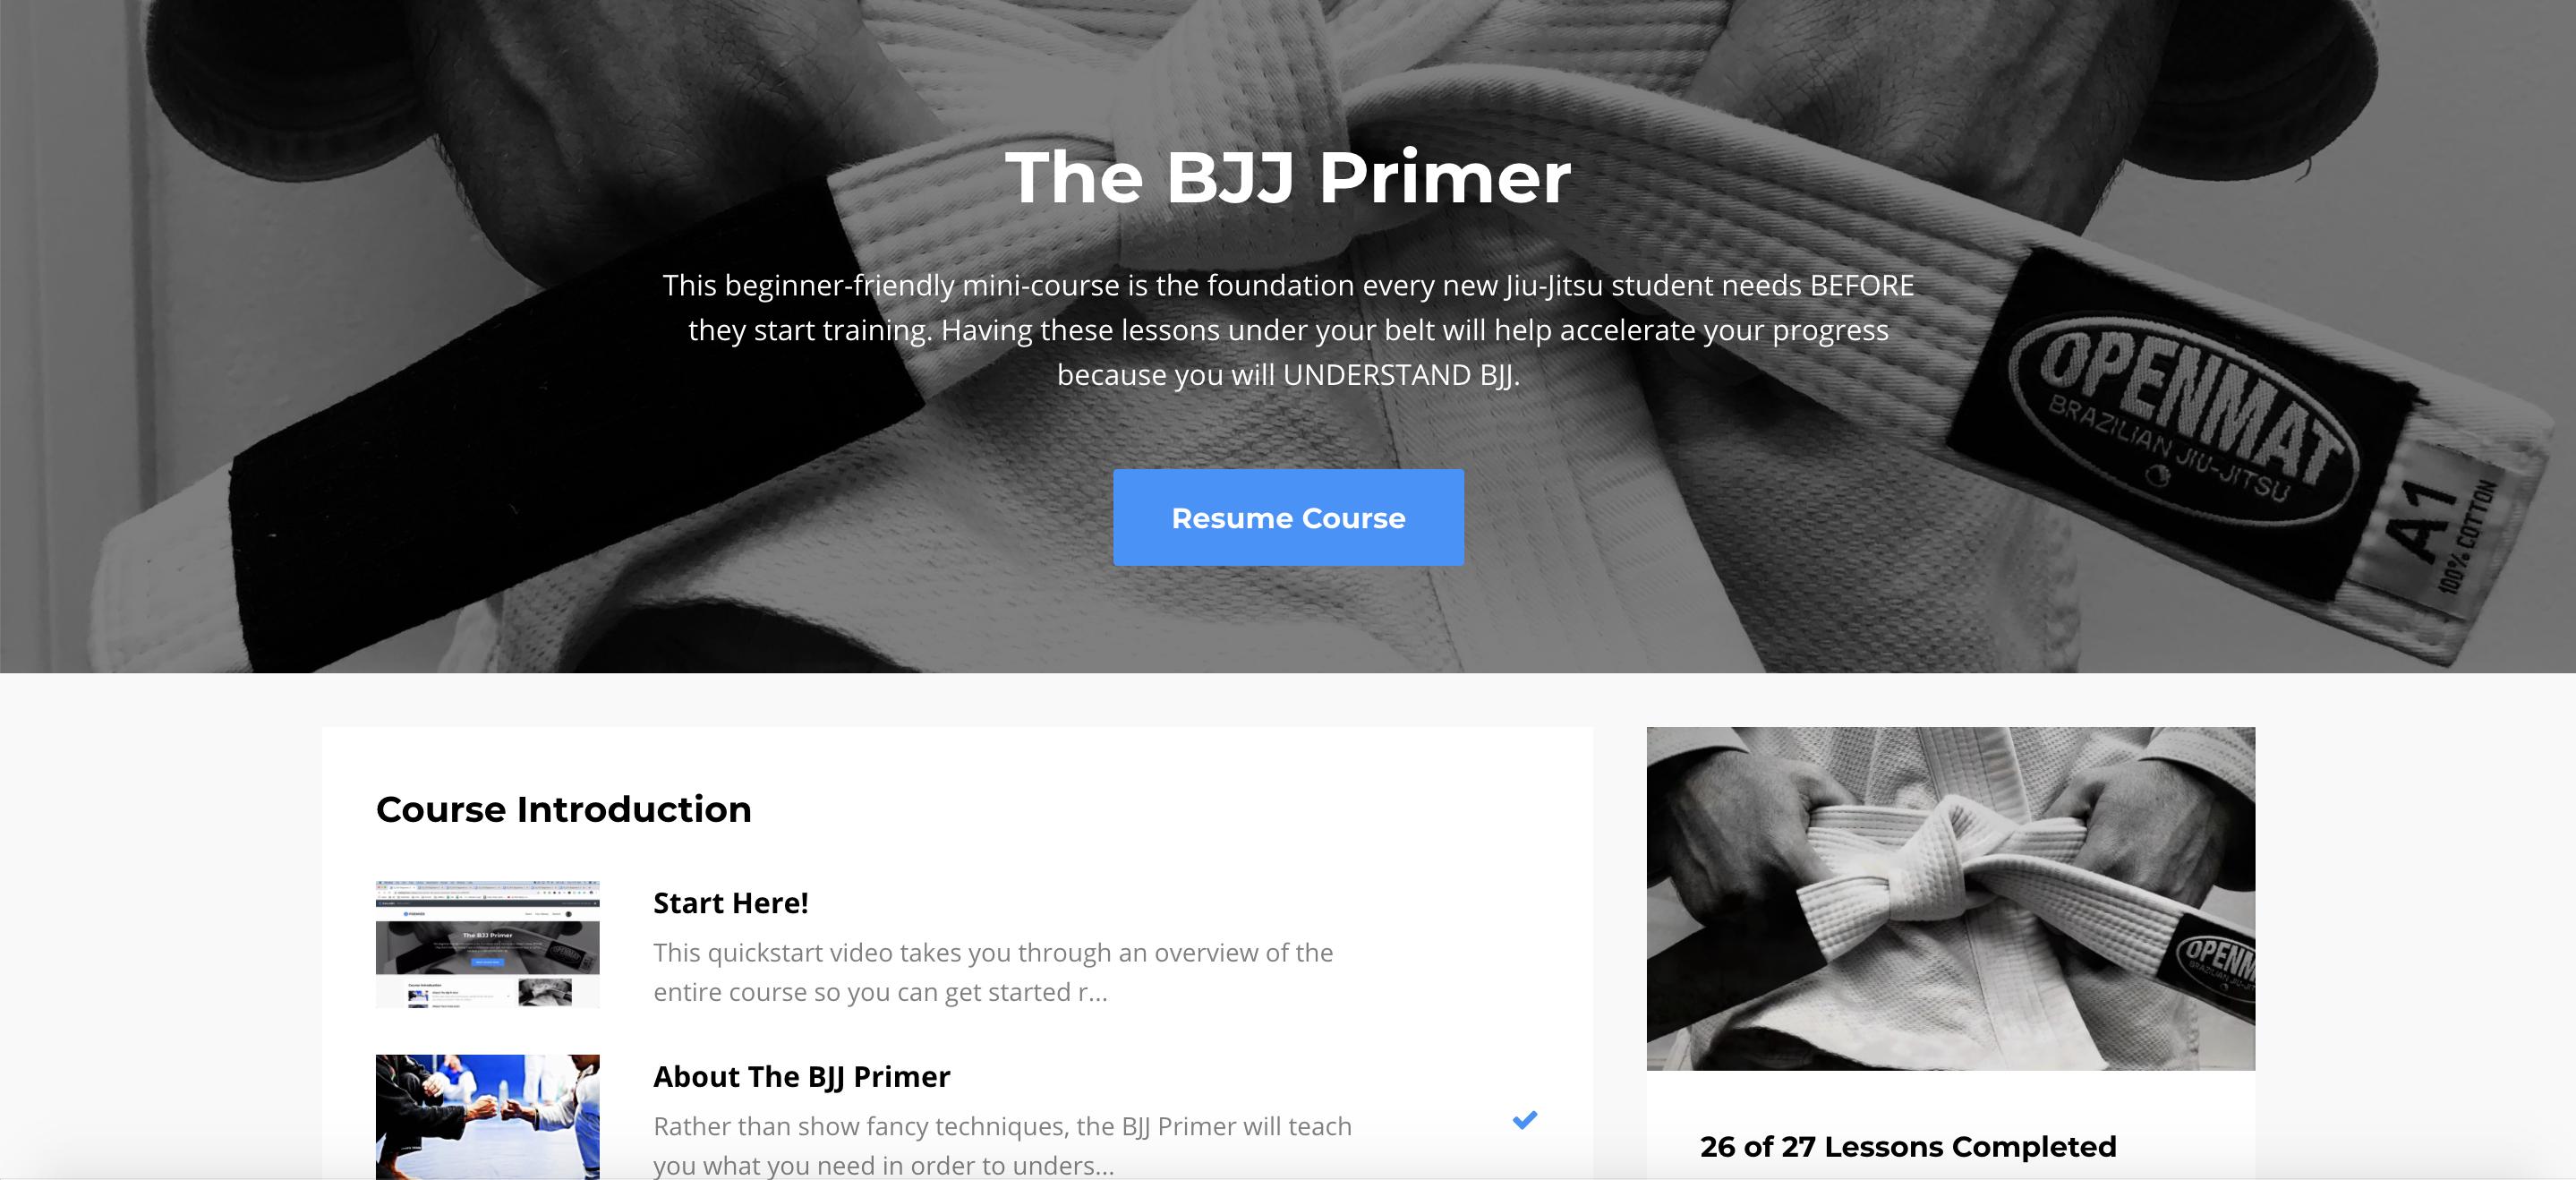 The BJJ Primer